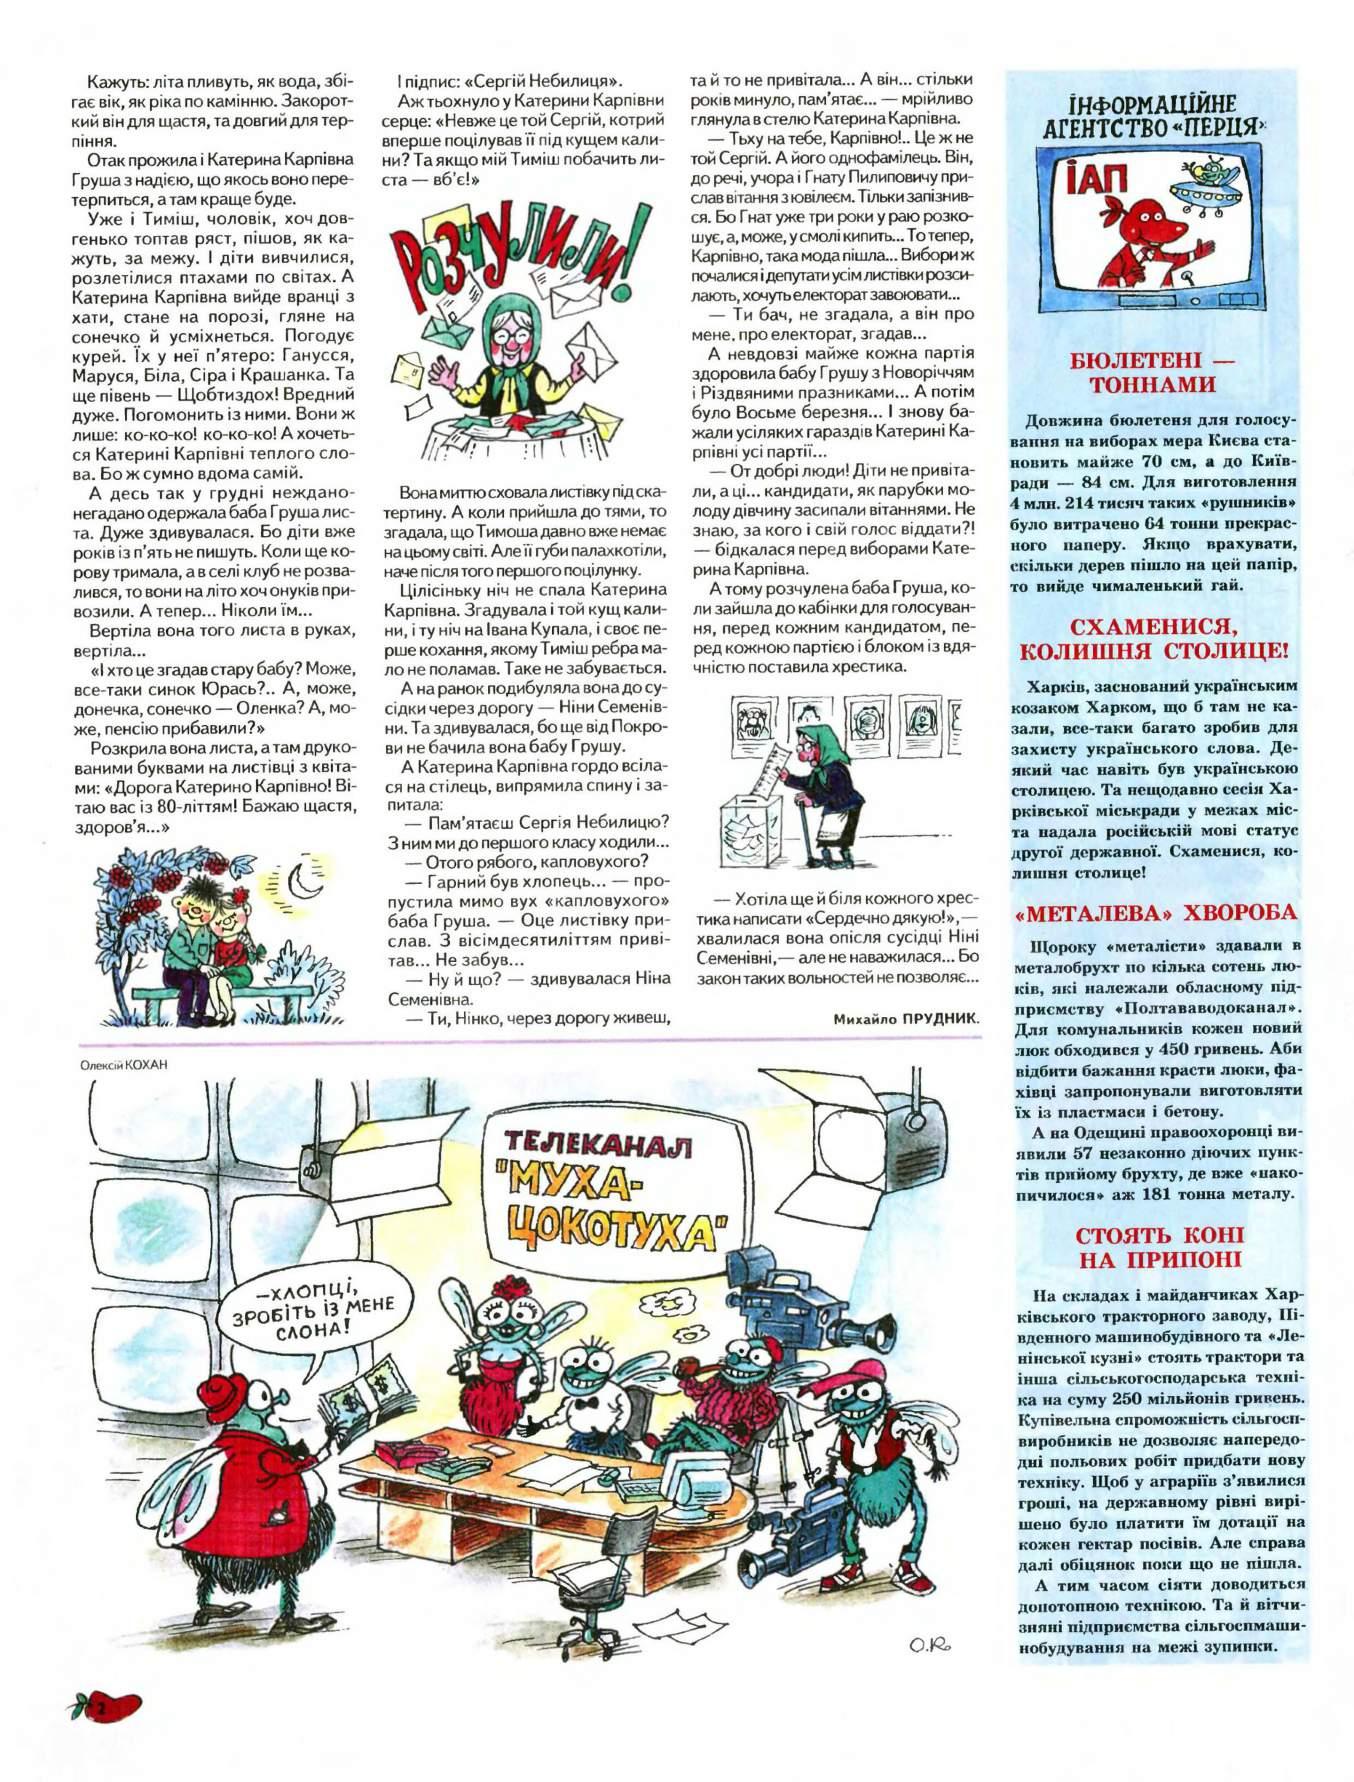 Журнал перець 2006 №03